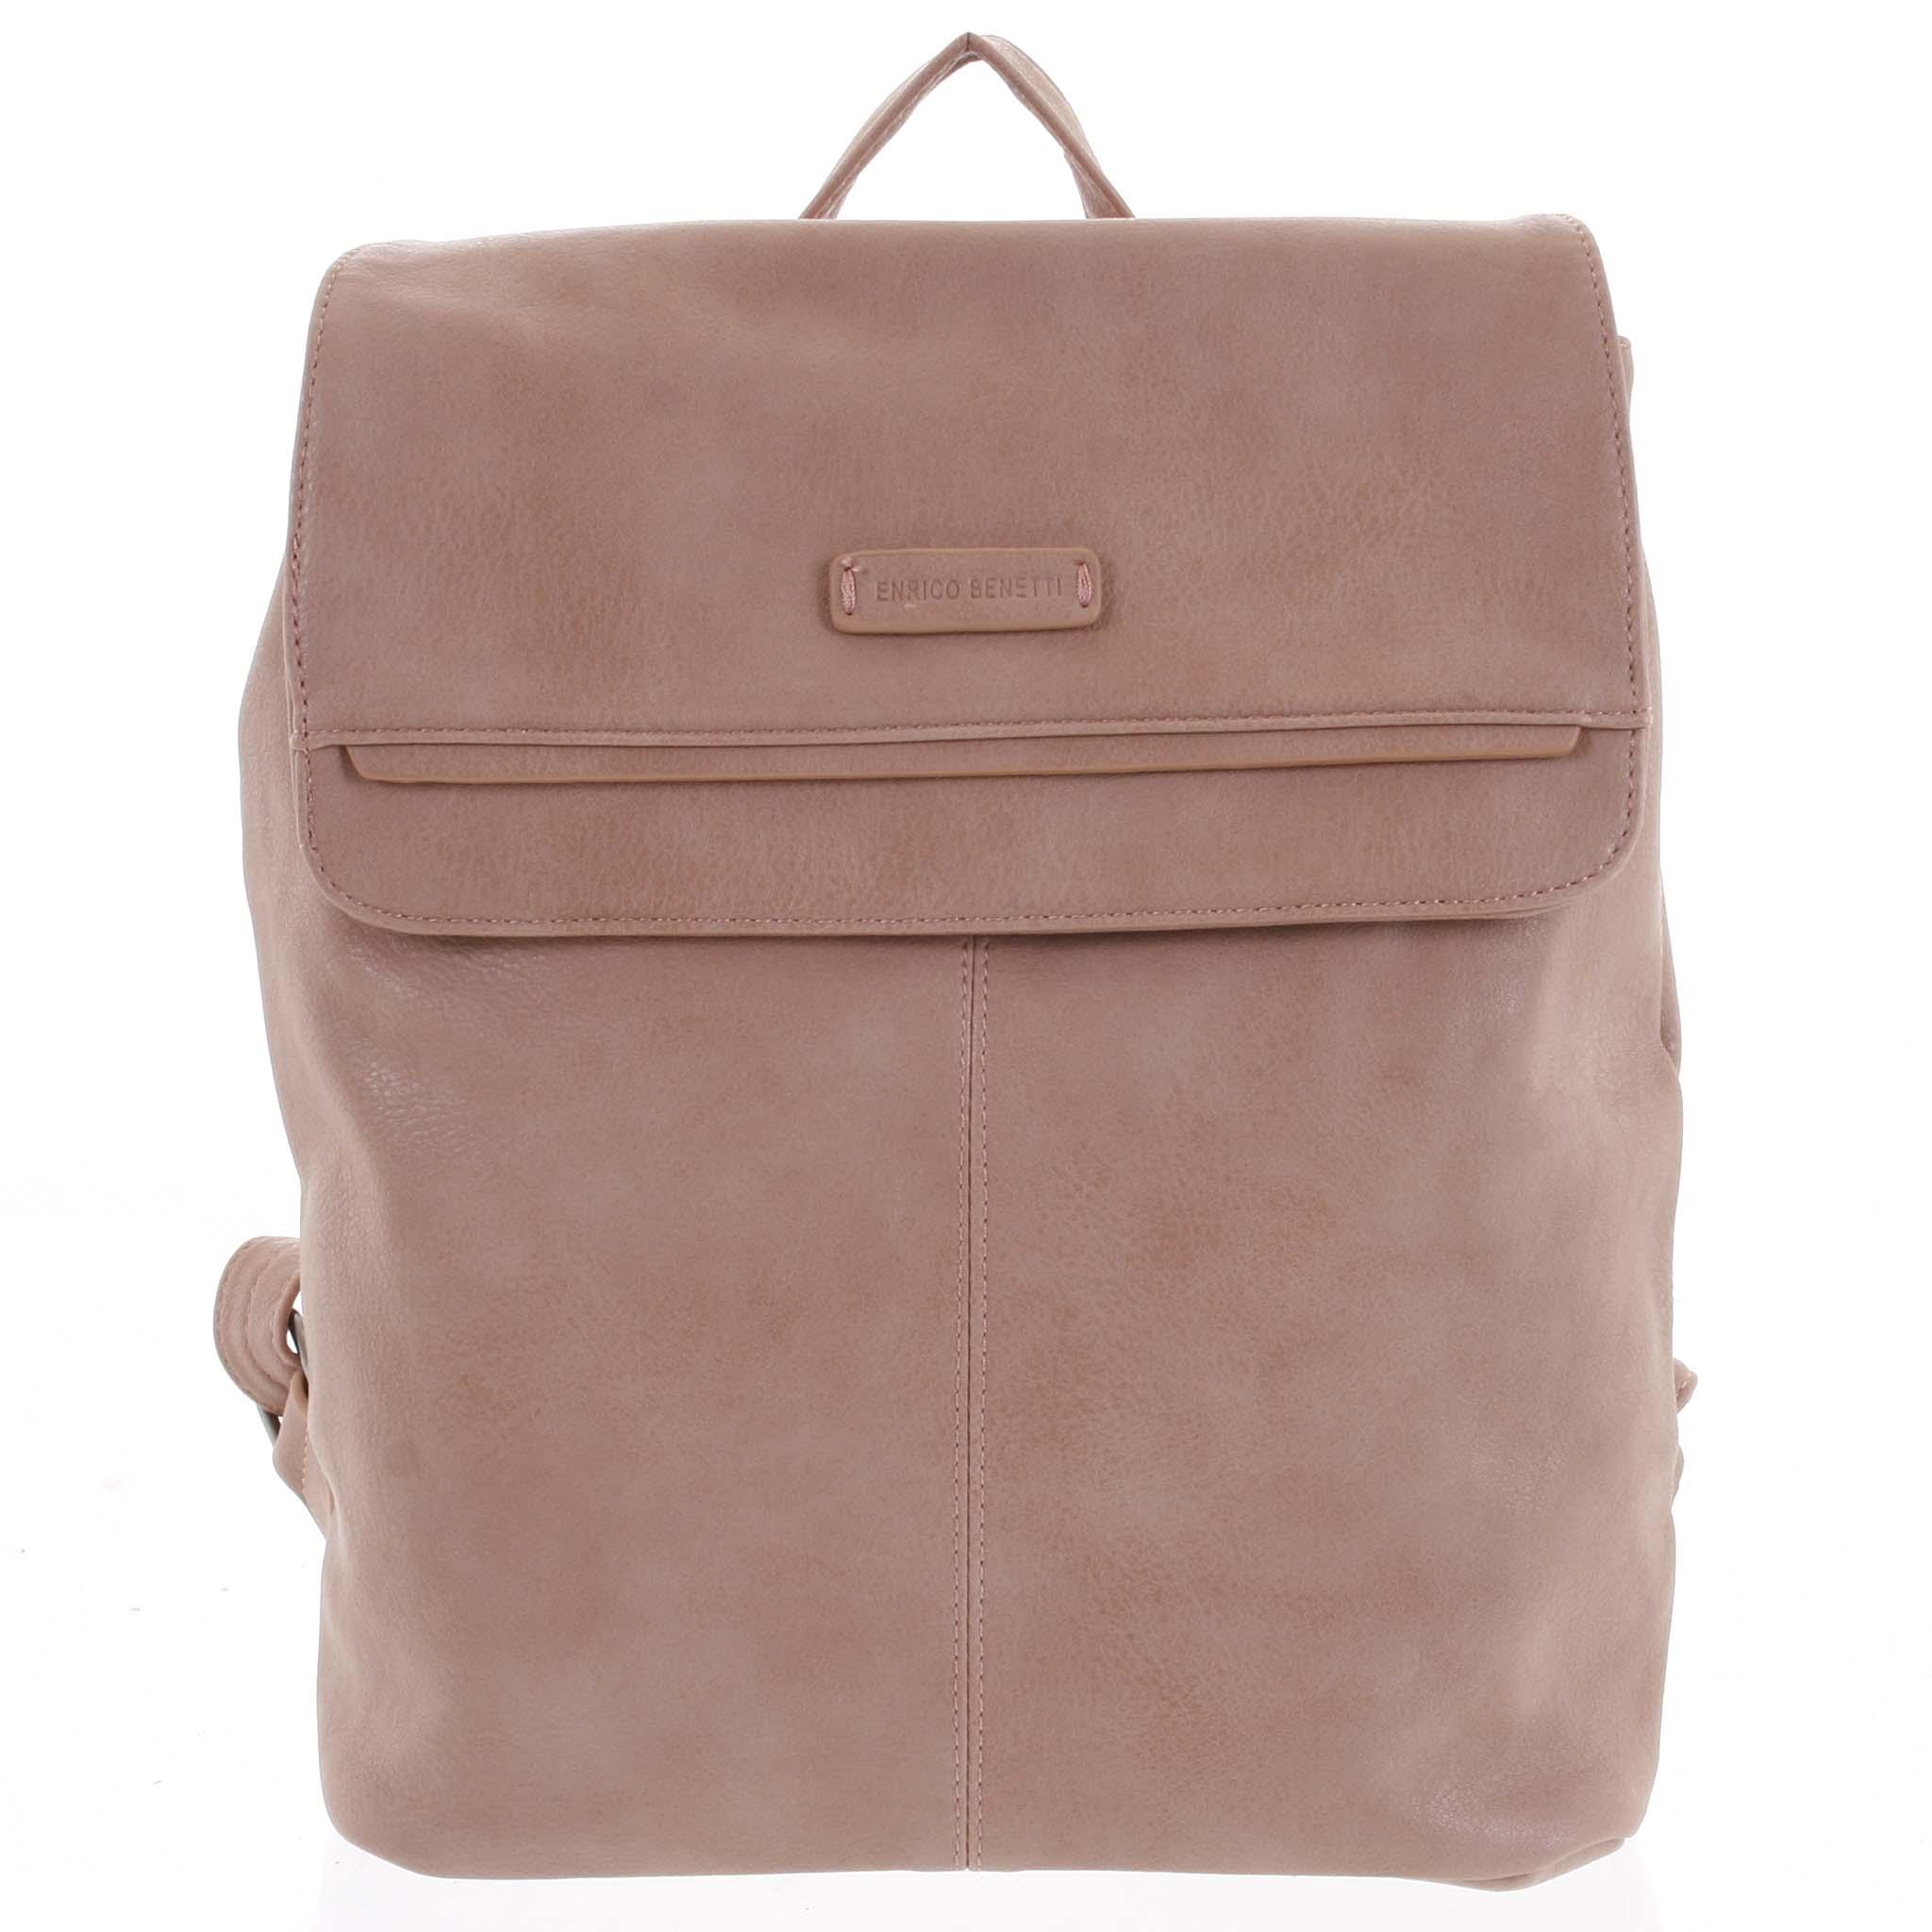 Dámsky štýlový batoh ružový - Enrico Benetti Neneke